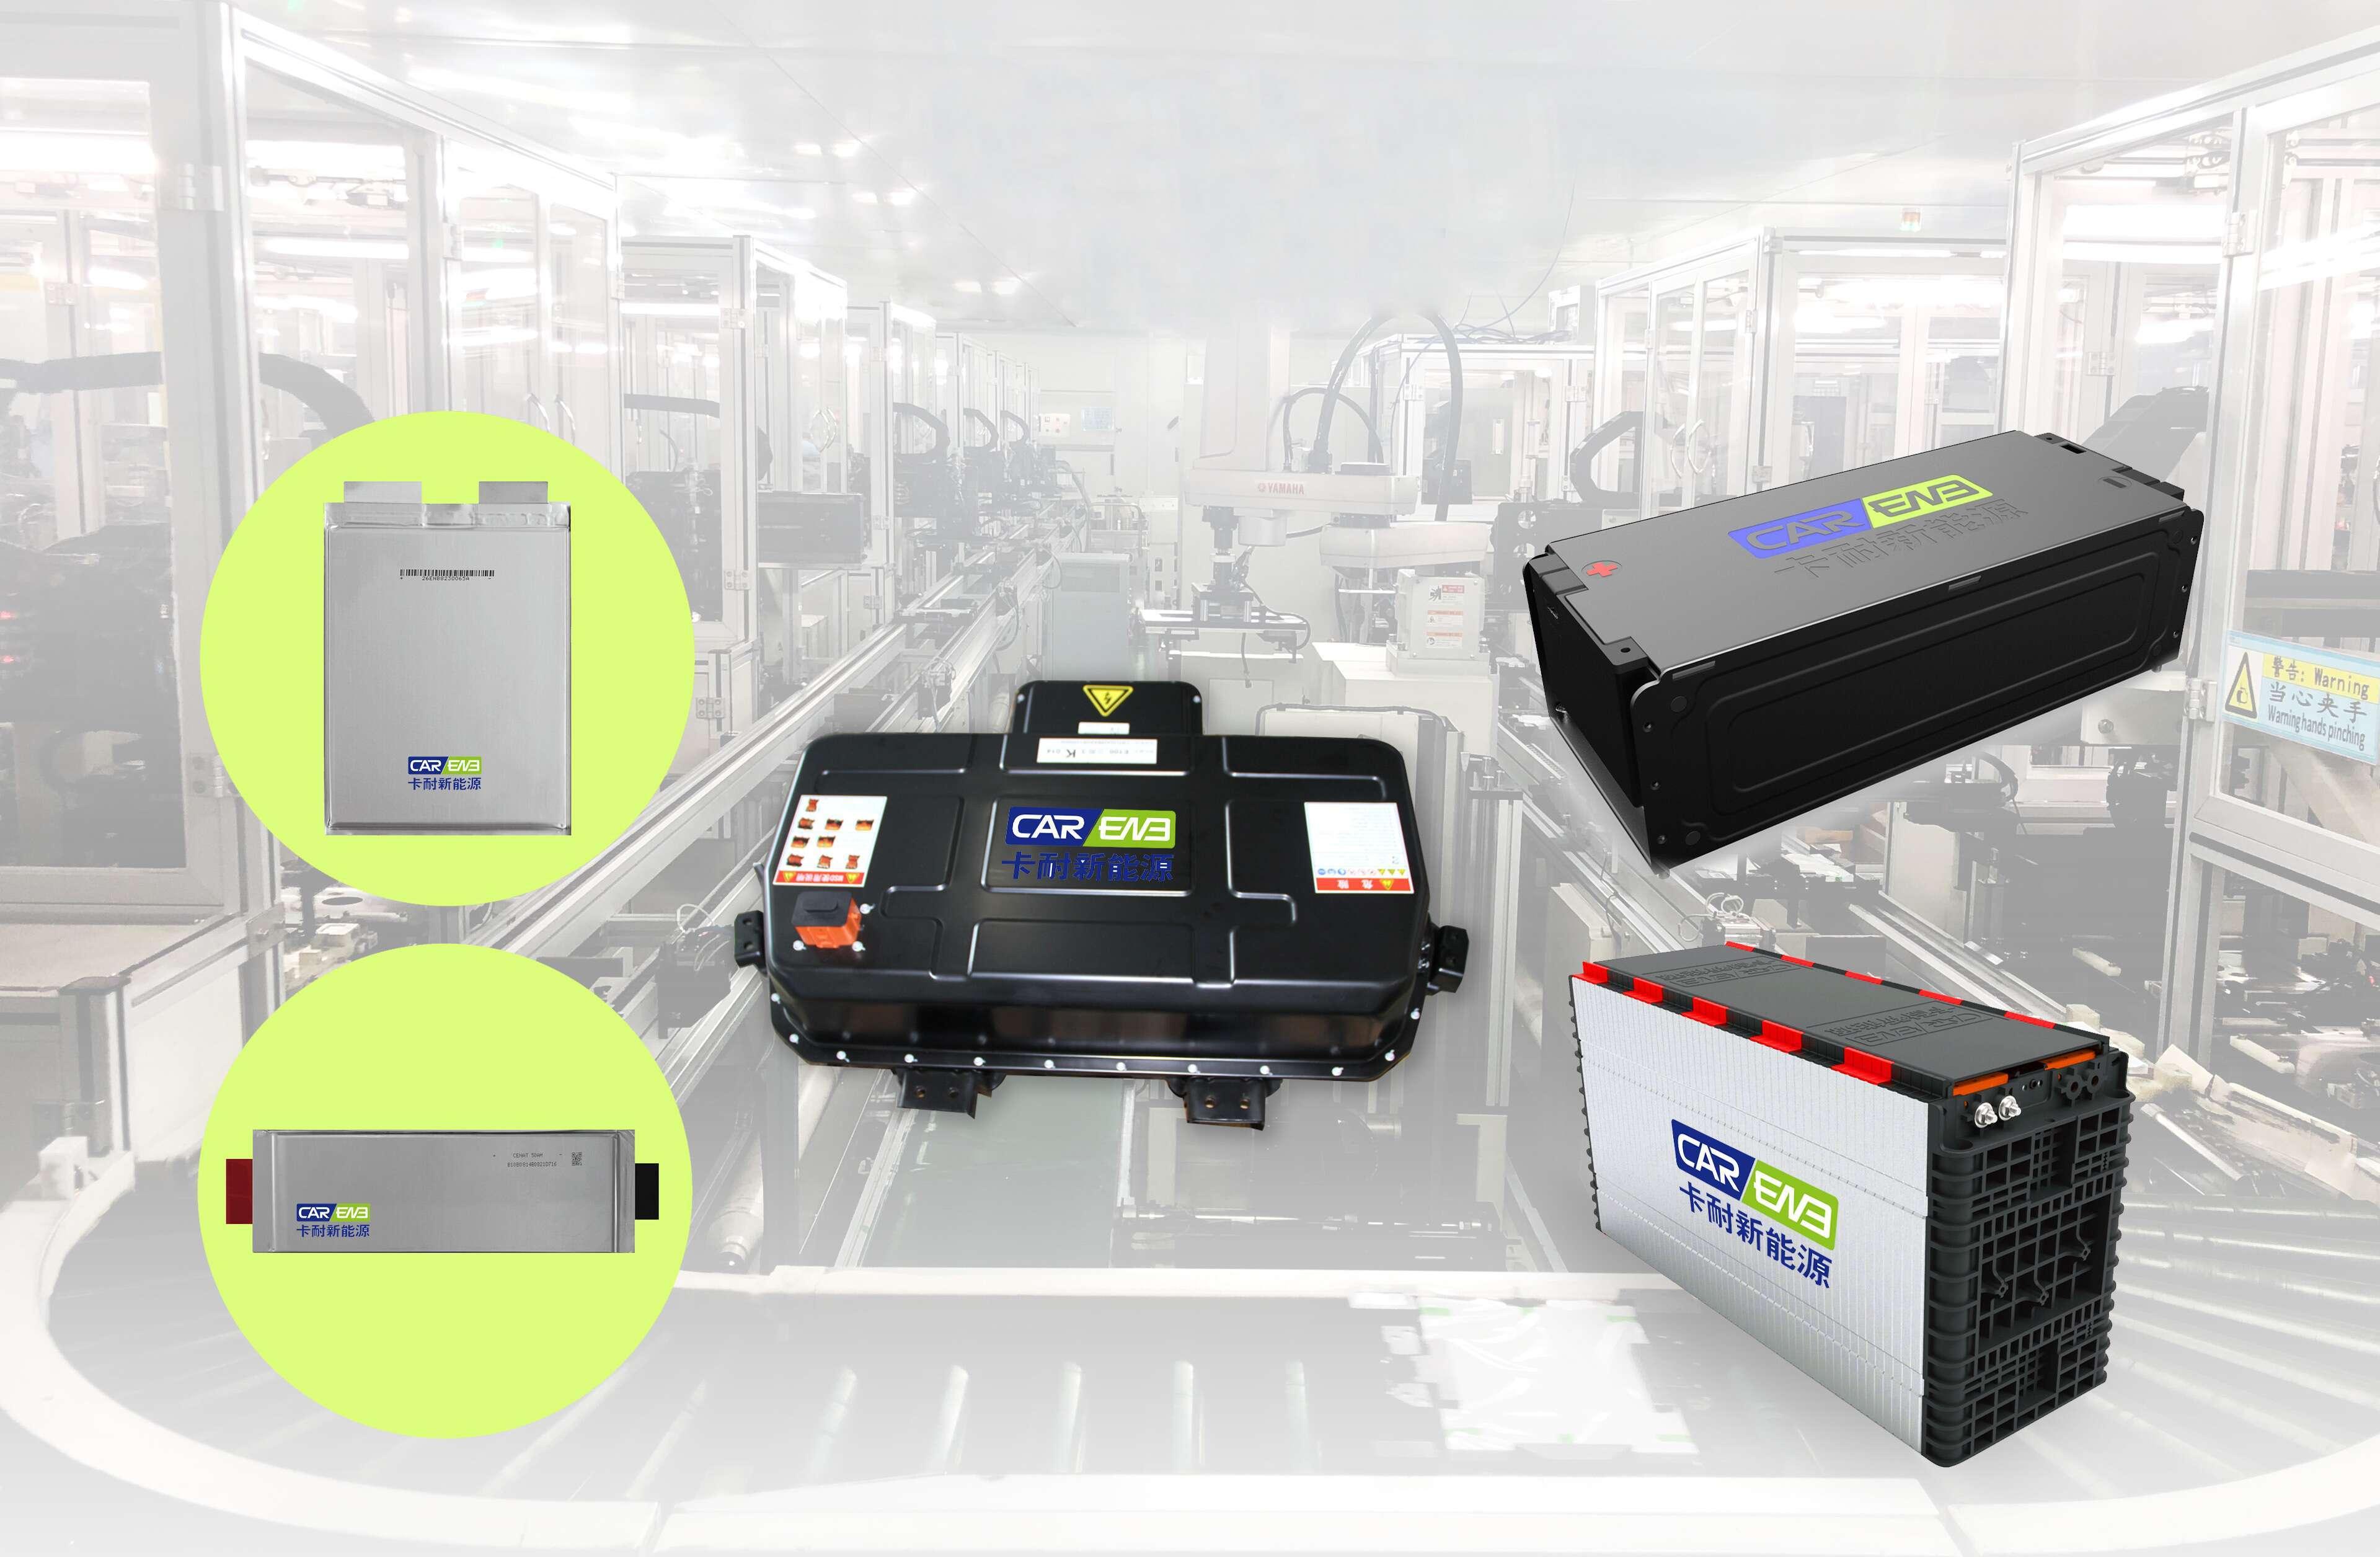 继动器-继动器批发、促销价格、产地货源 - 阿里巴巴